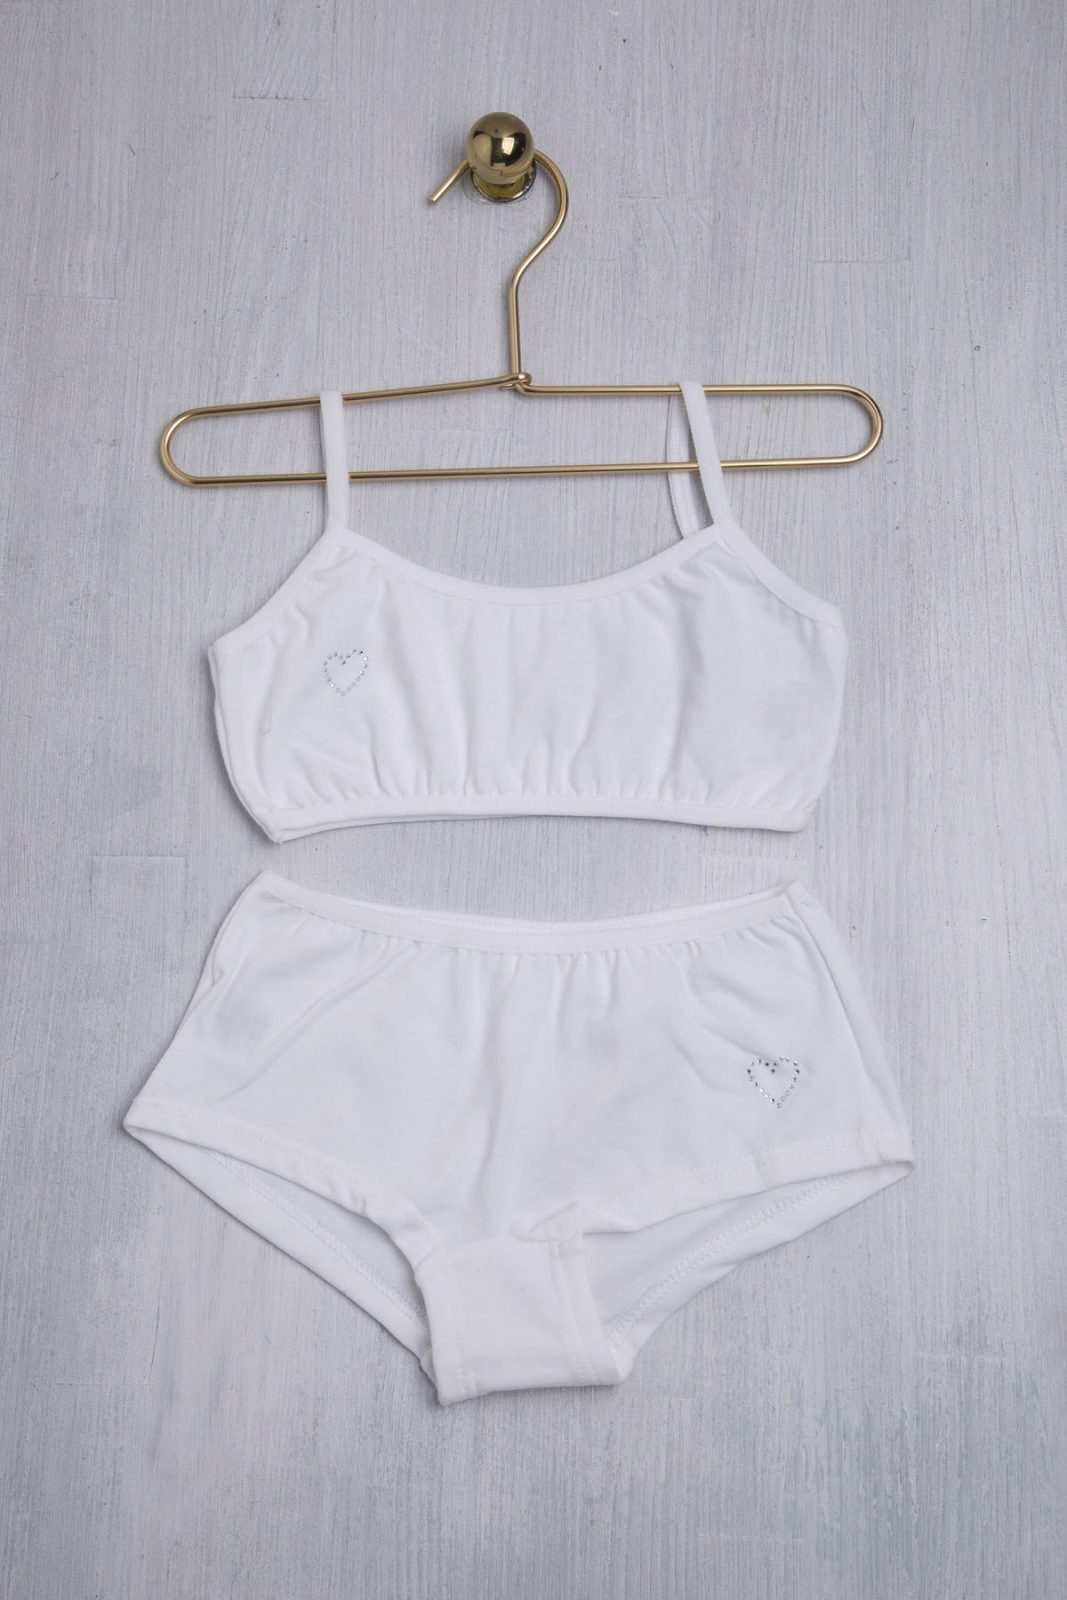 Παιδικά εσώρουχα σετ με μπουστάκι και μπόξερ σε λευκό χρώμα